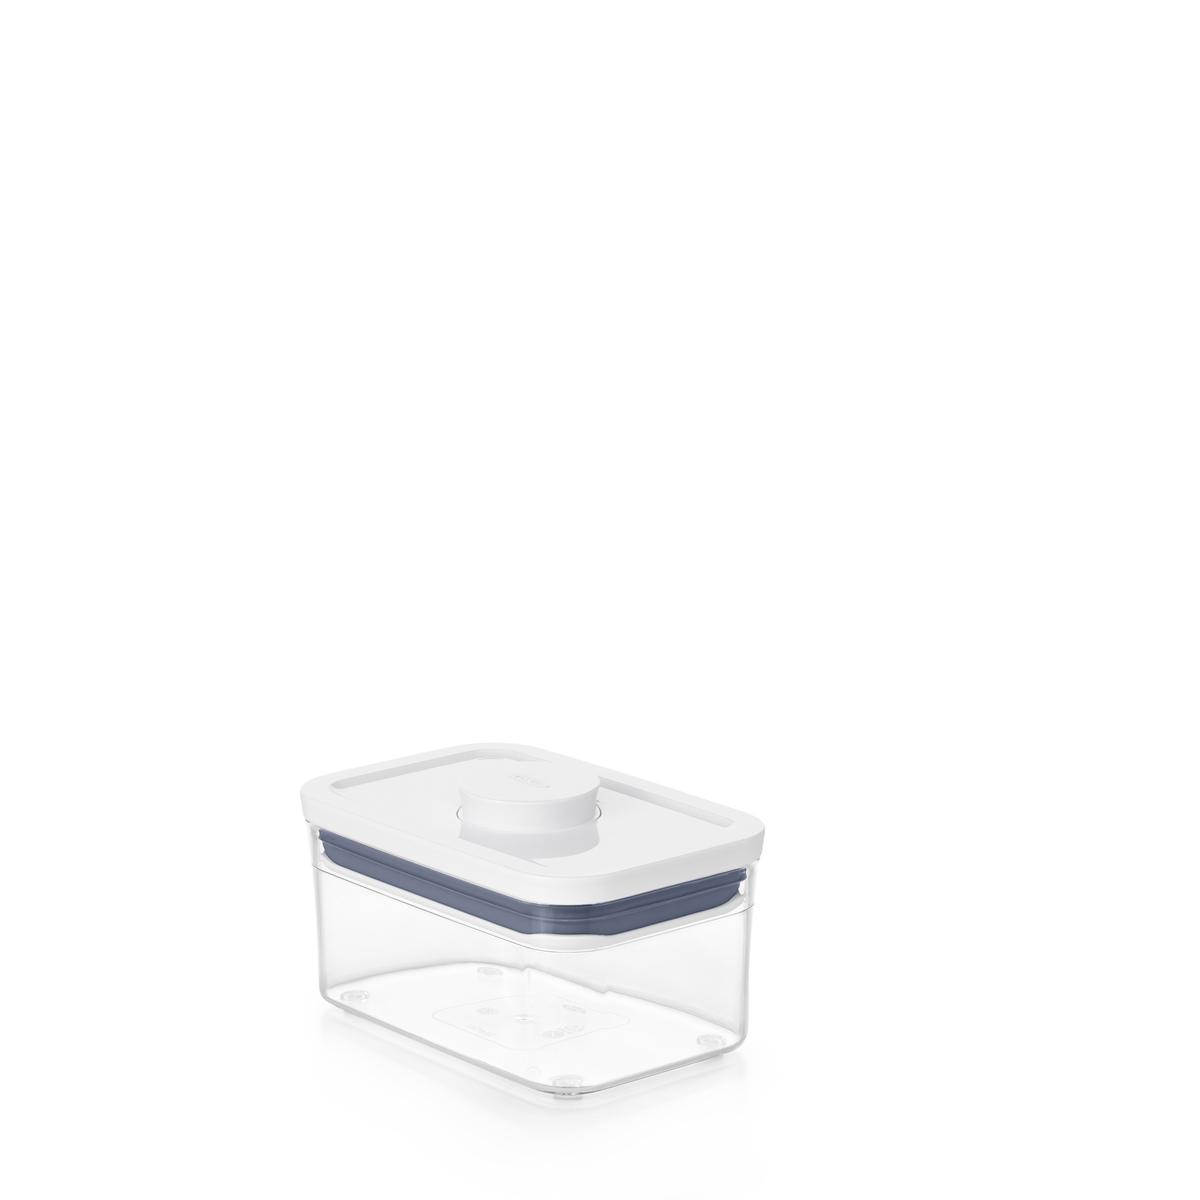 Емкость для хранения с всплывающей кнопкой OXO FOOD STORAGE, 16х10,5х8 см, объем 0,6 л, прозрачный OXO 11234700 фото 9